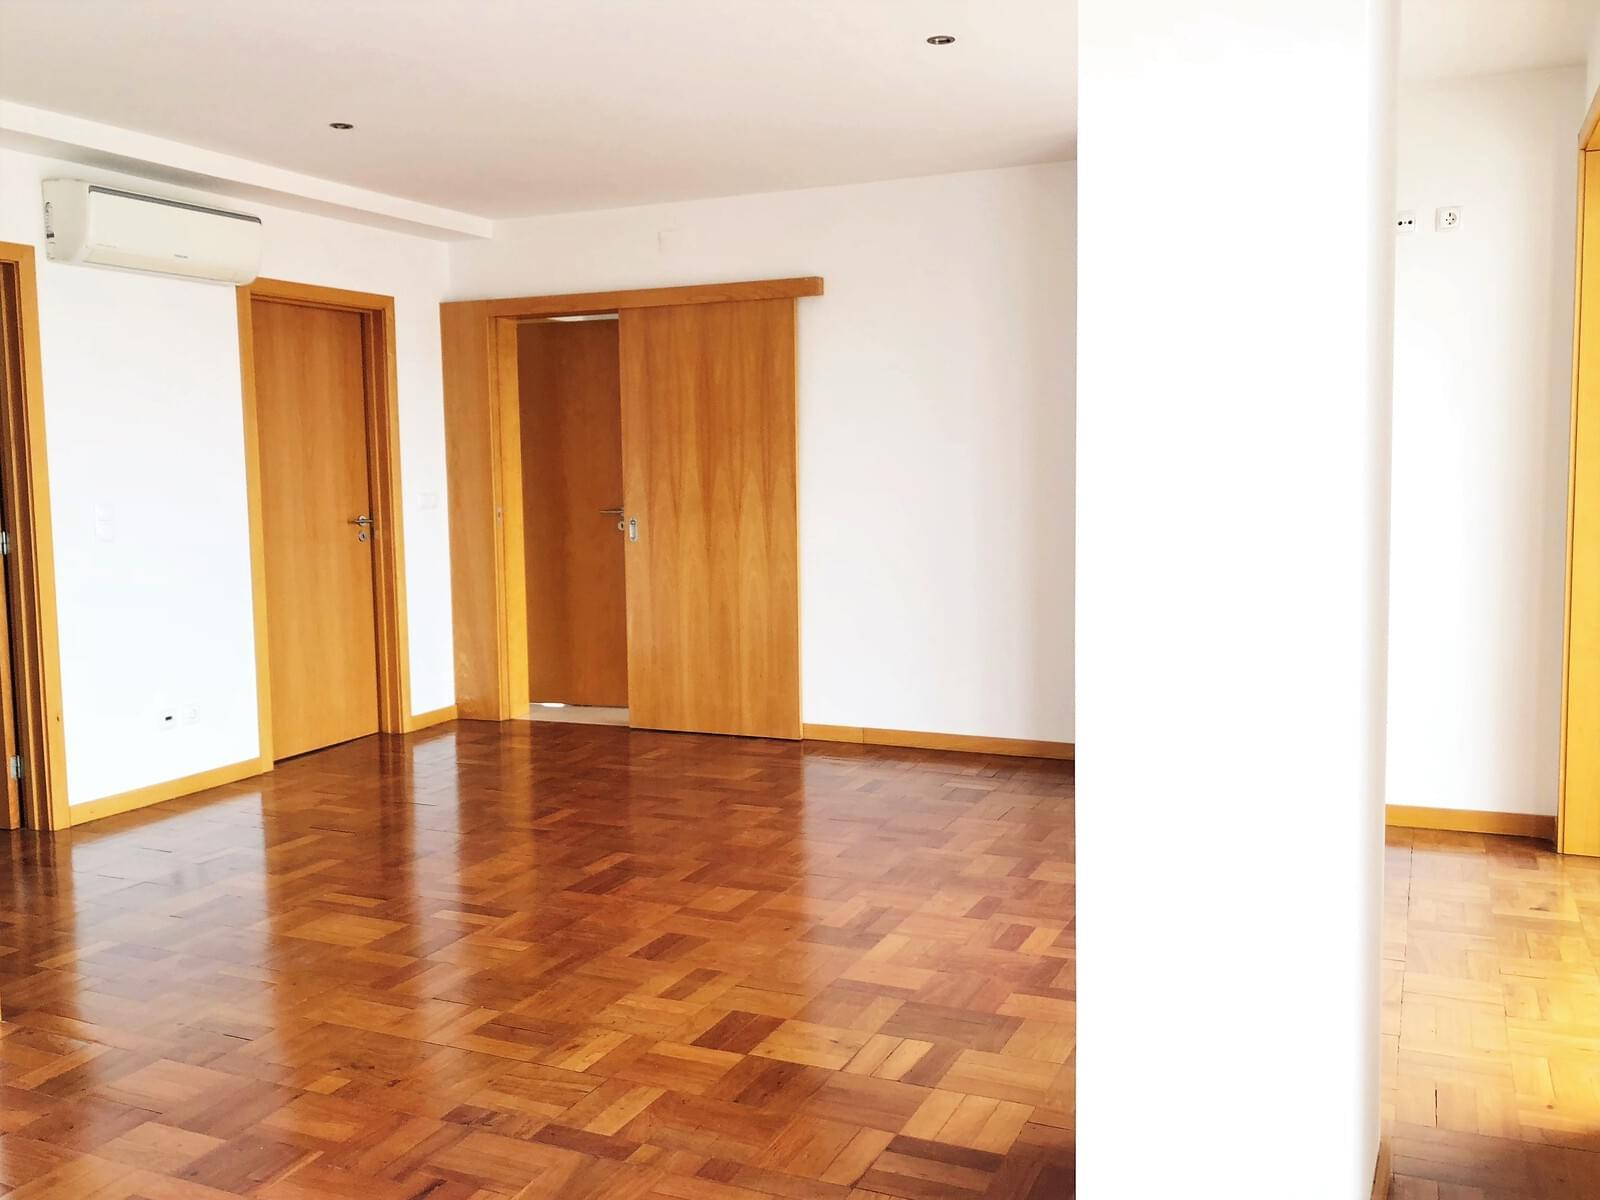 pf18040-apartamento-t3-lisboa-27066250-f115-4038-81c5-6a4a239cd057